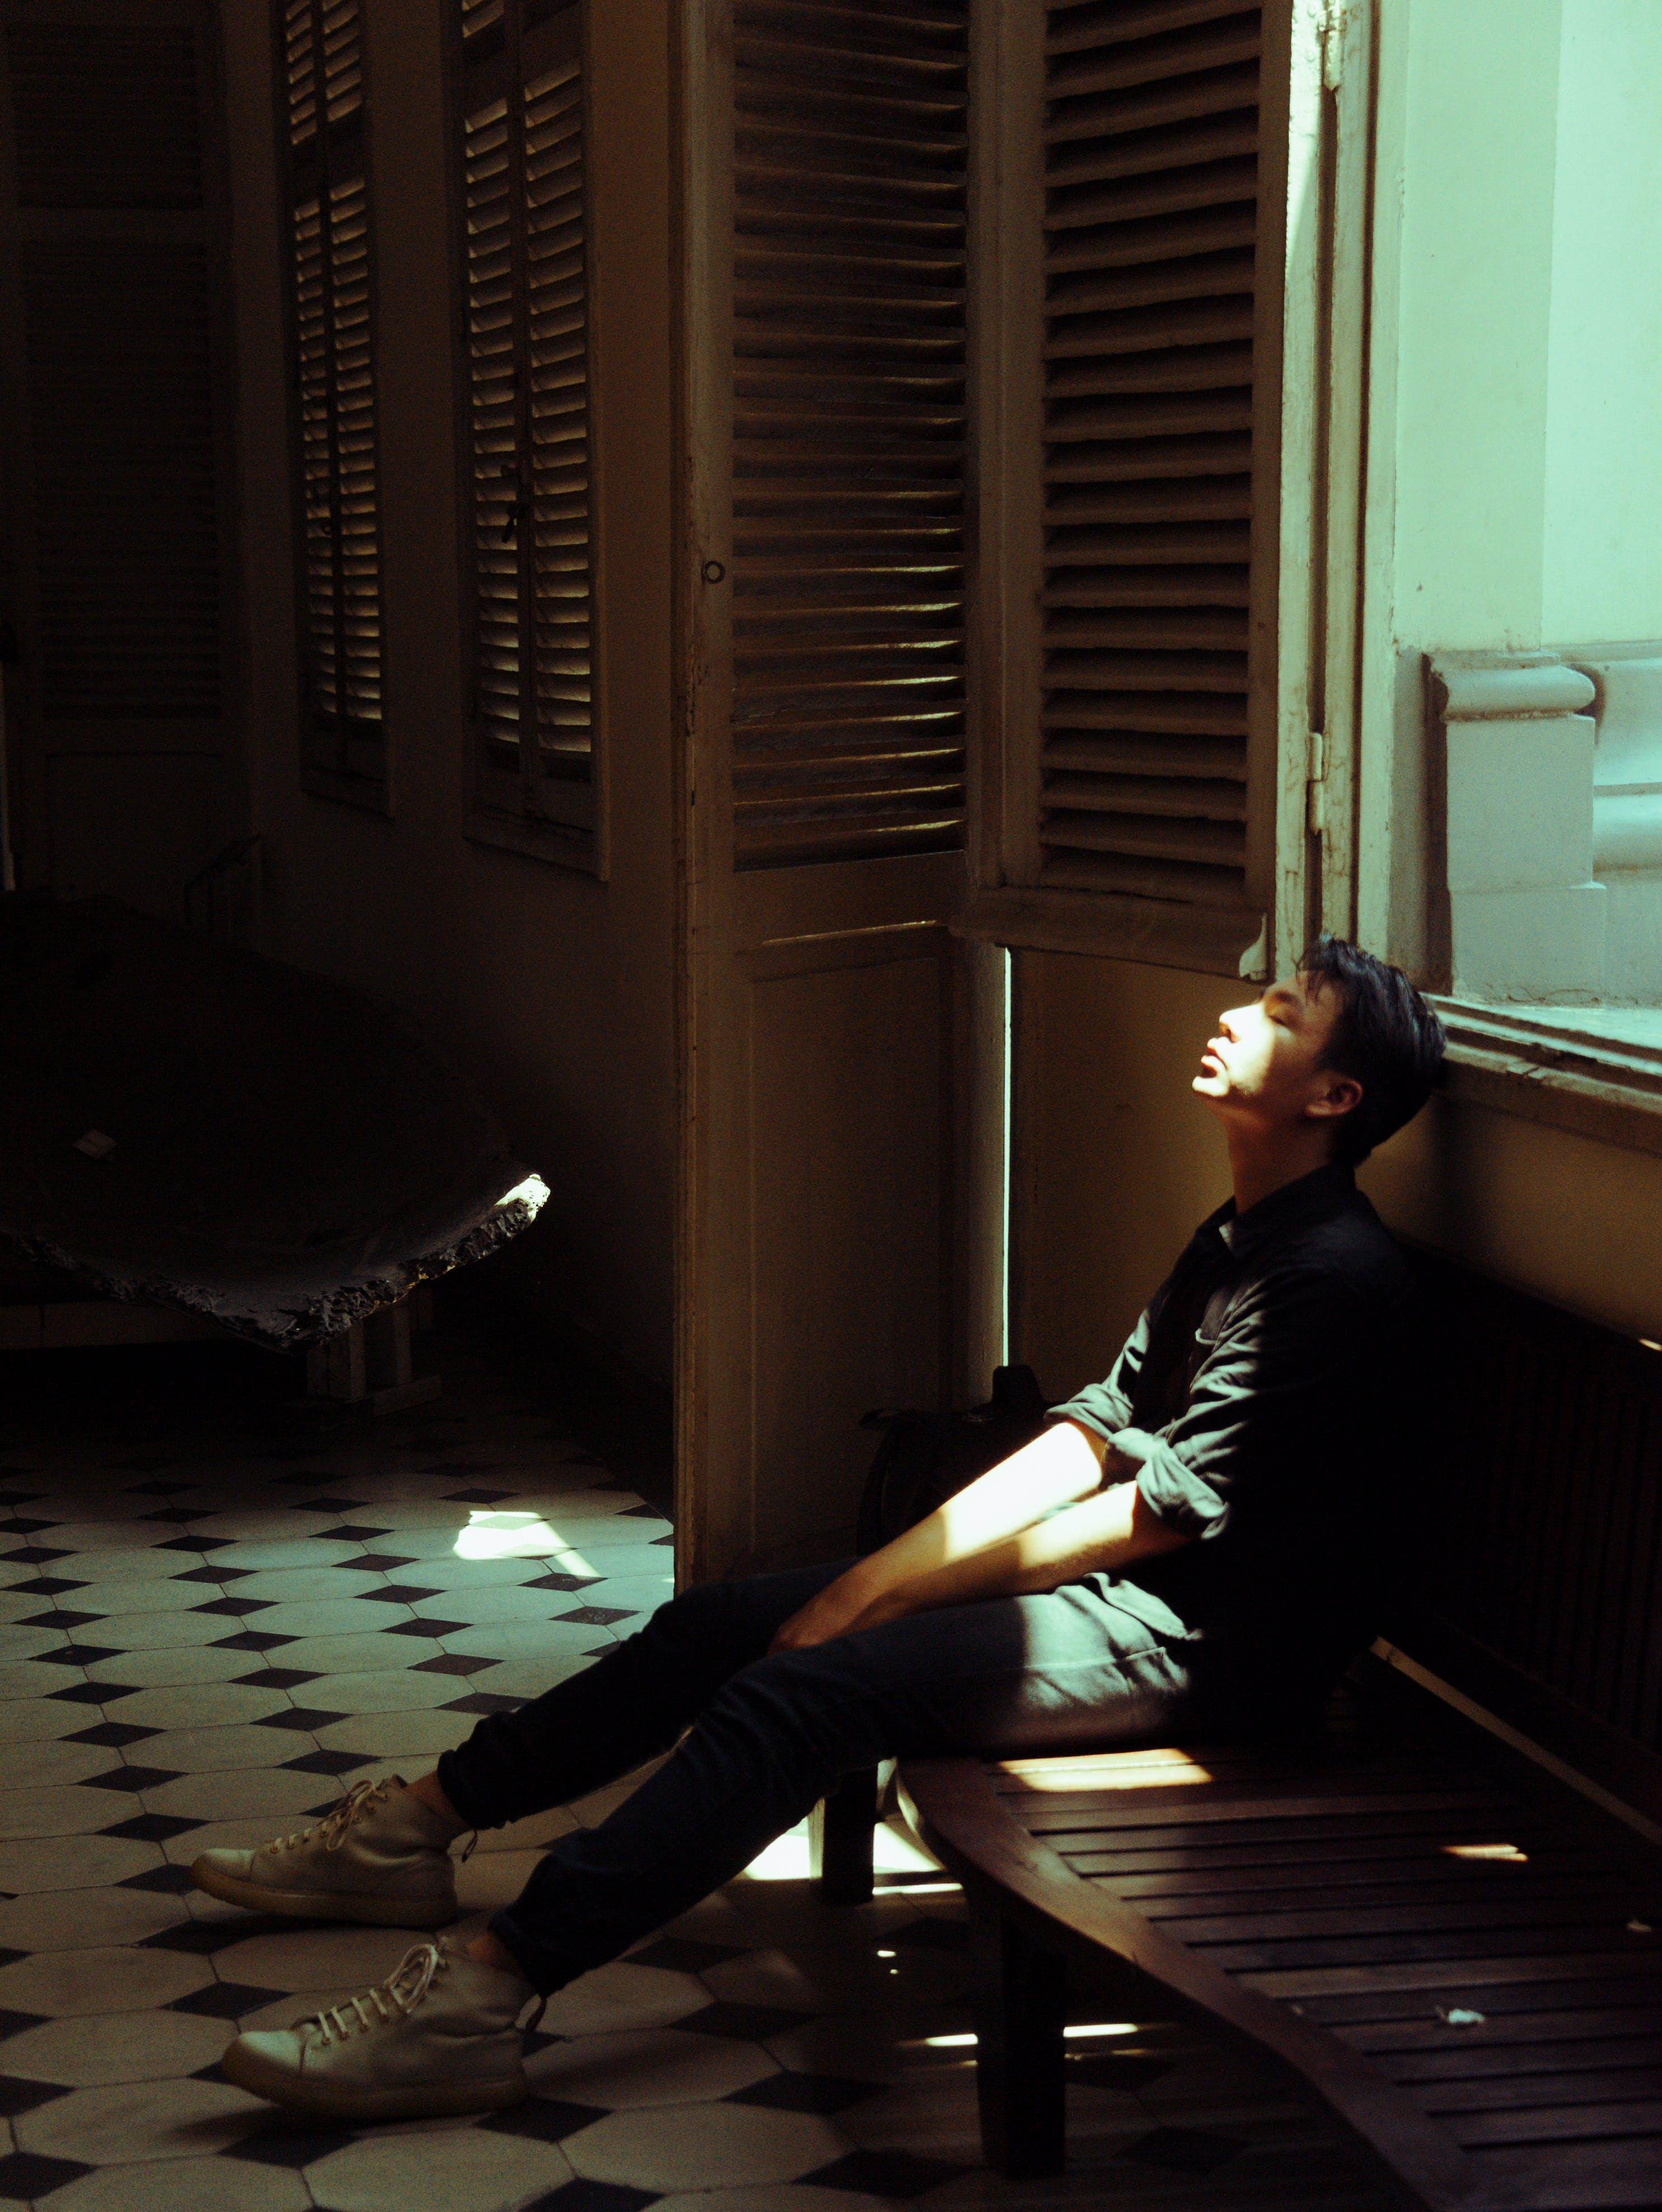 Man in Black Top Sitting on Bench Beside of Door